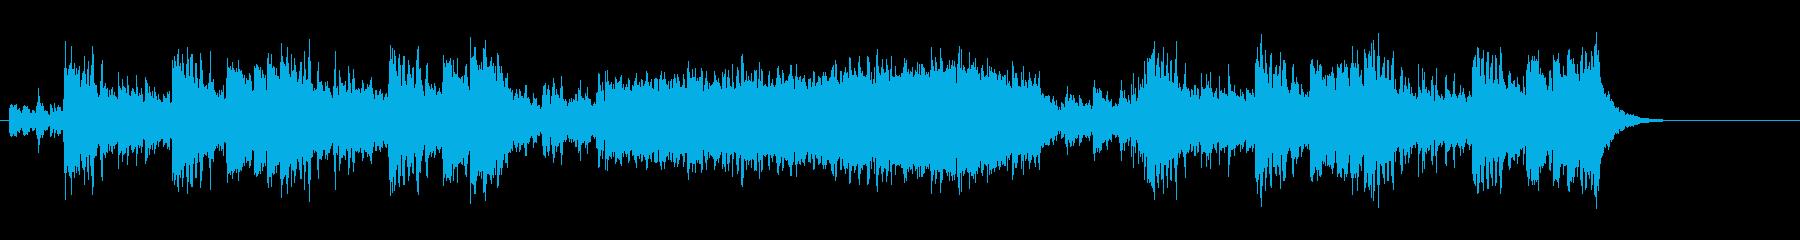 ドラマチックな和風サウンド(時代劇風)の再生済みの波形